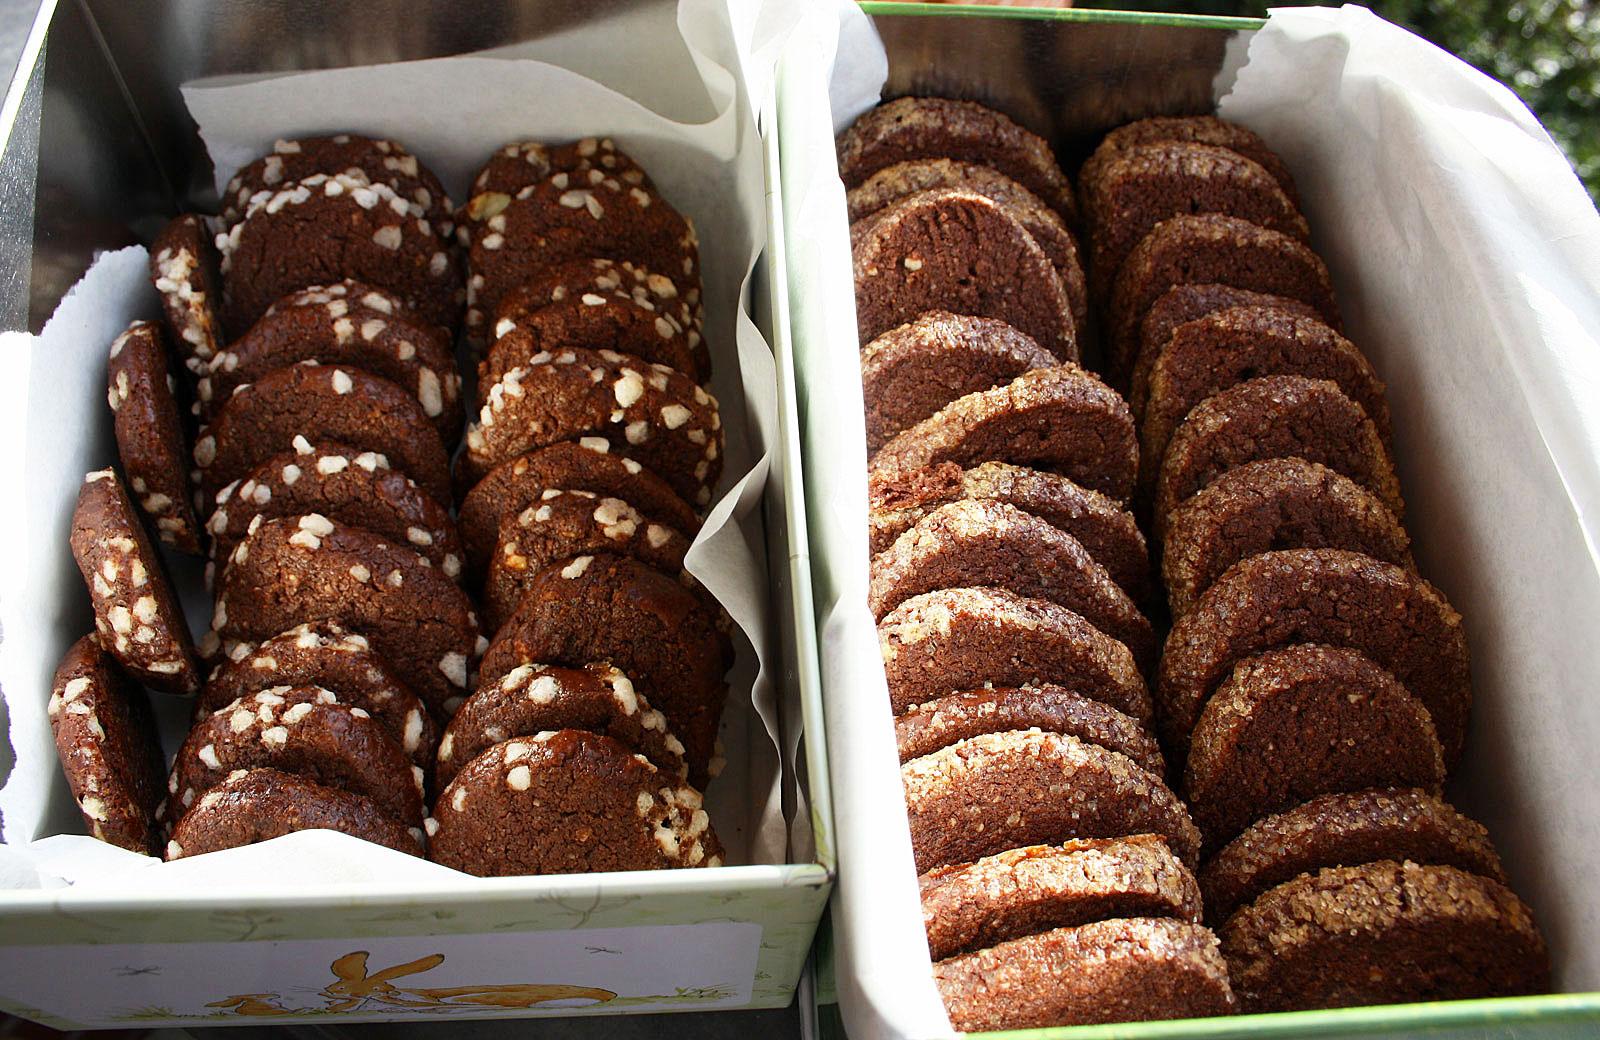 Backrezept Fur Schokoladige Kekse Teig Geht Wunderbar Zum Einfrieren